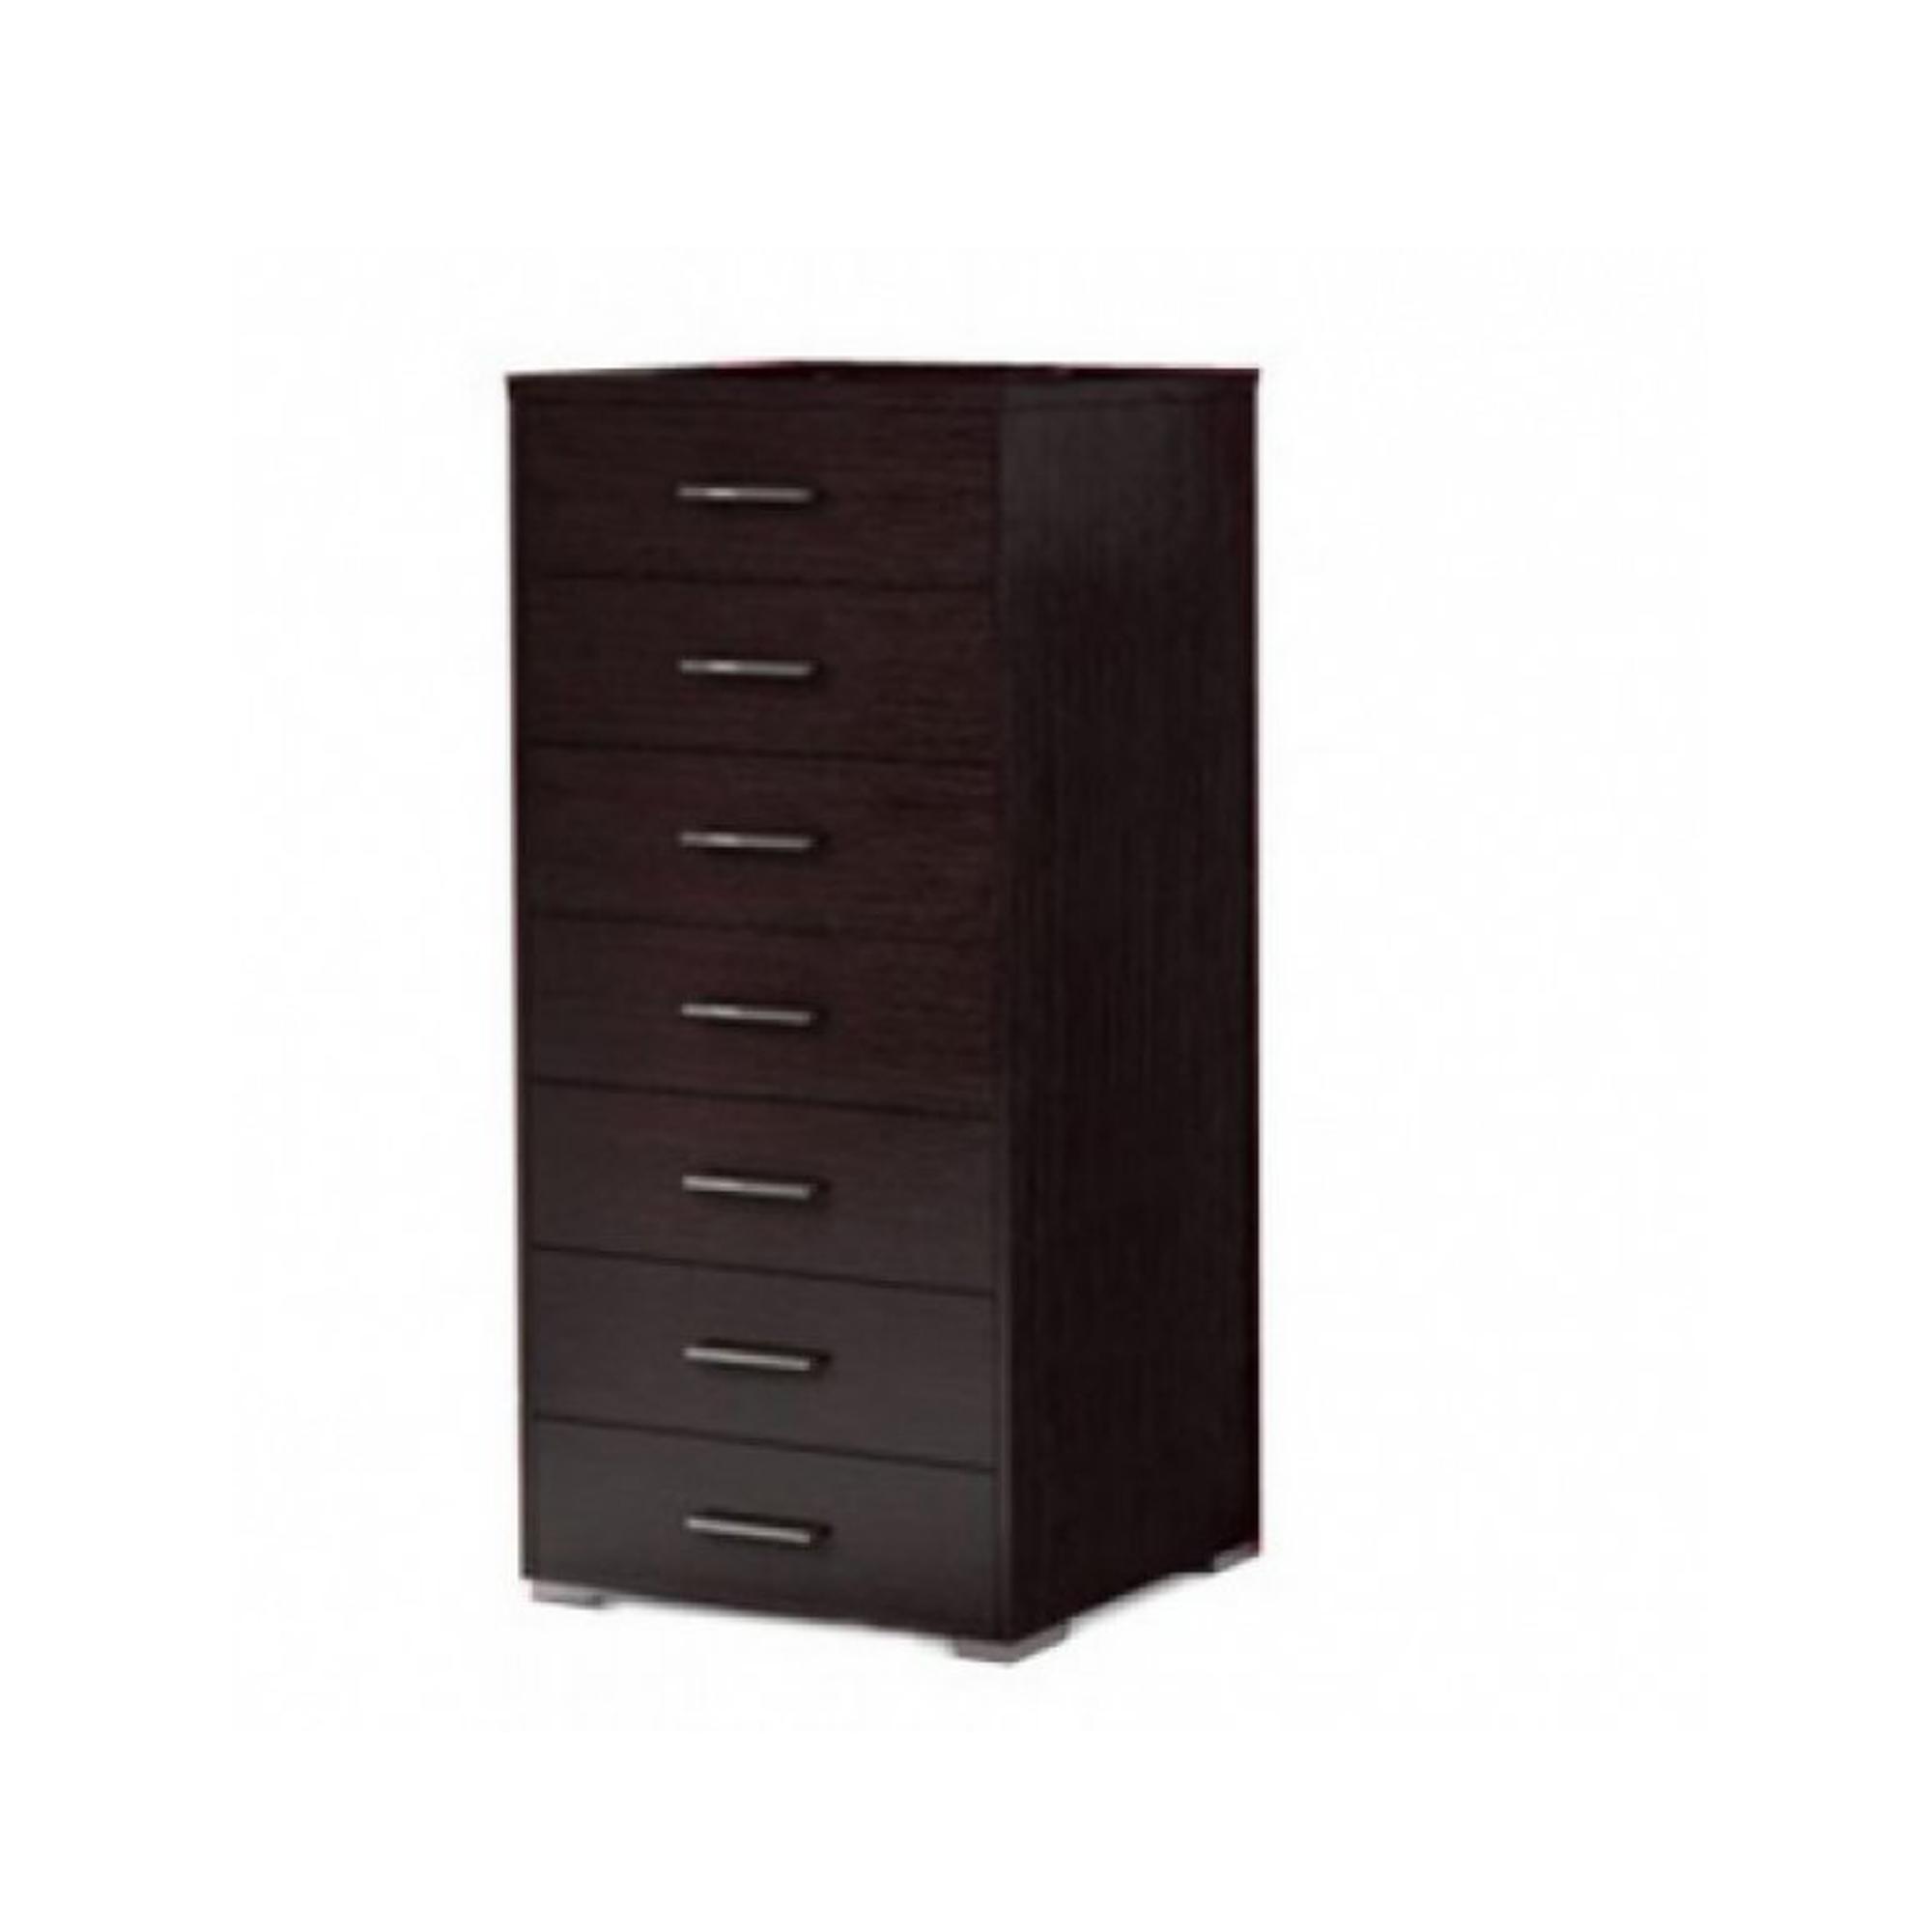 Συρταριέρα με 7 συρτάρια σε χρώμα βέγγε 60x45x123